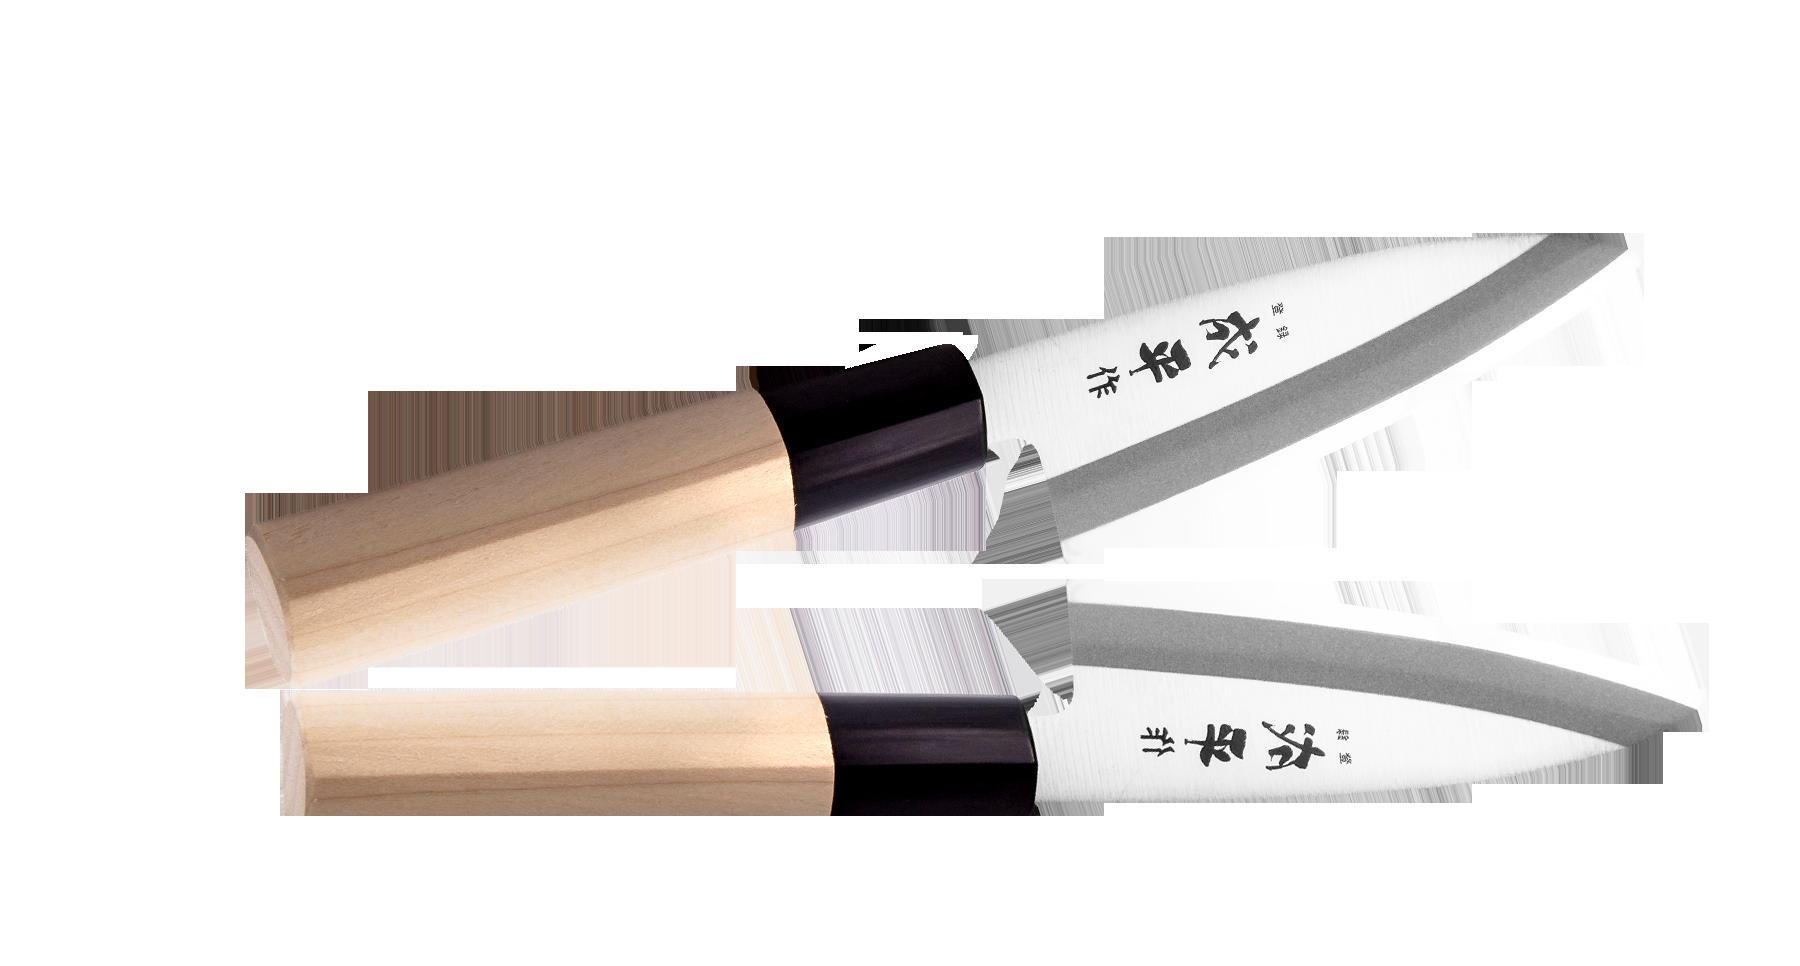 Нож Деба Narihira 105 мм, сталь AUS-8, рукоять деревоTojiro<br>Нож Универсальный Narihira 215 мм, сталь AUS-8, рукоять дерево<br>Смотреть все кухонные ножи.<br>